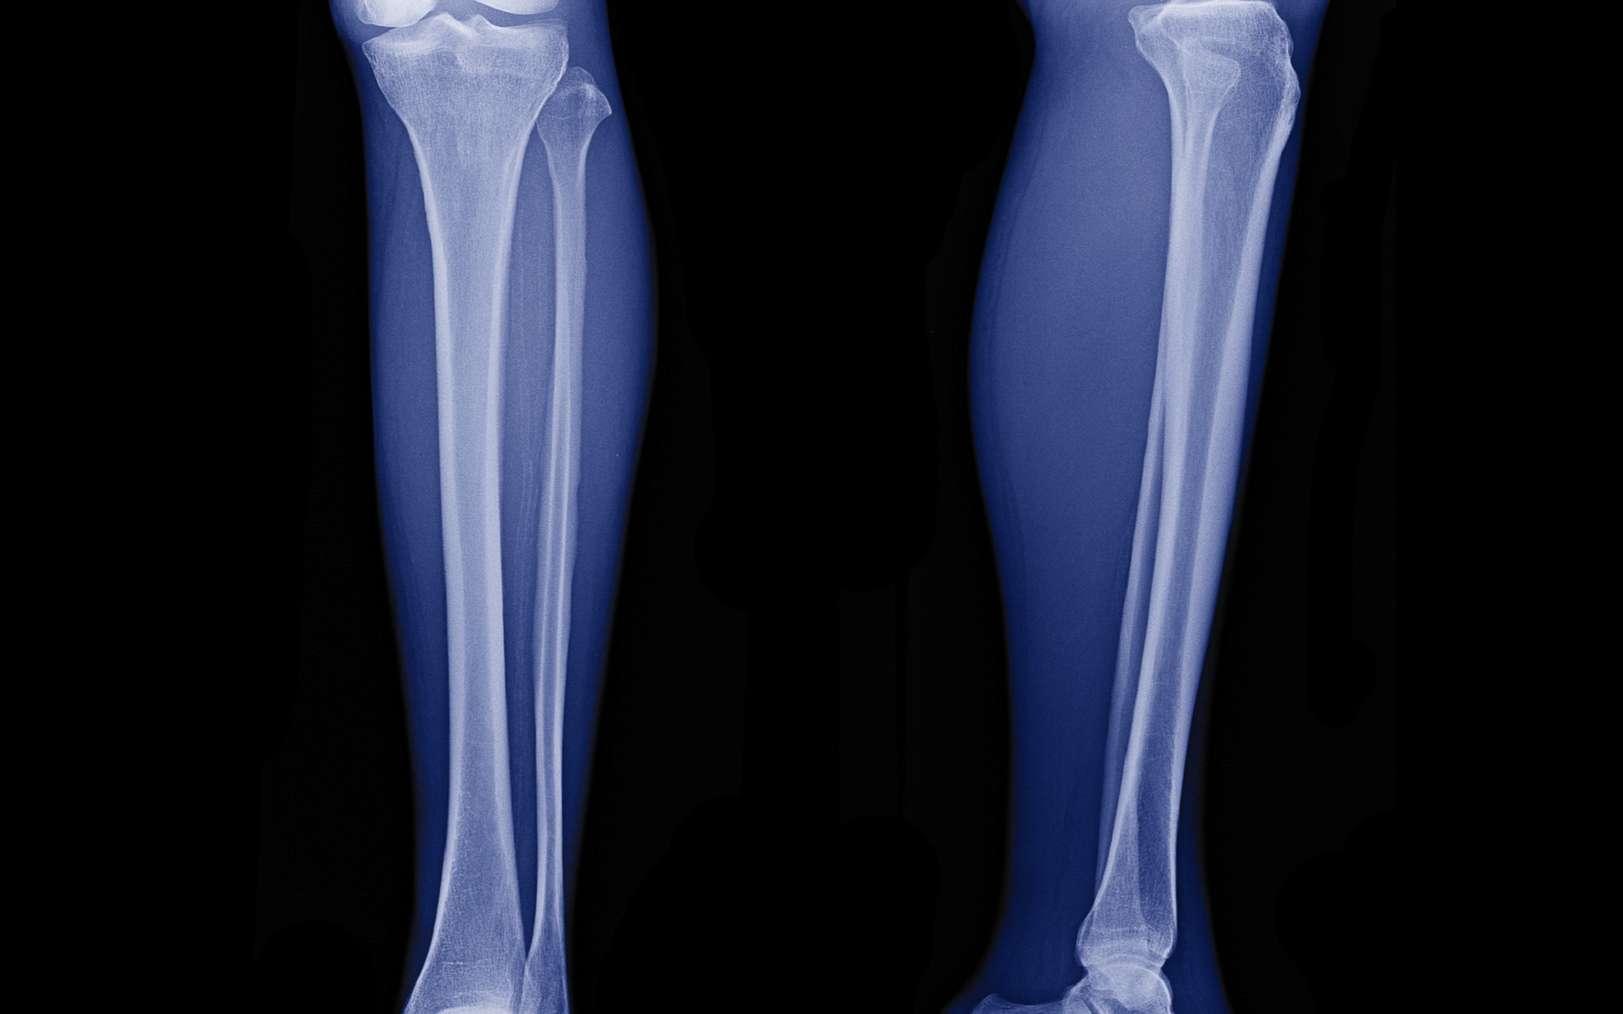 L'épiphyse est la partie située à l'extrémité d'un os long. © Choo, Fotolia